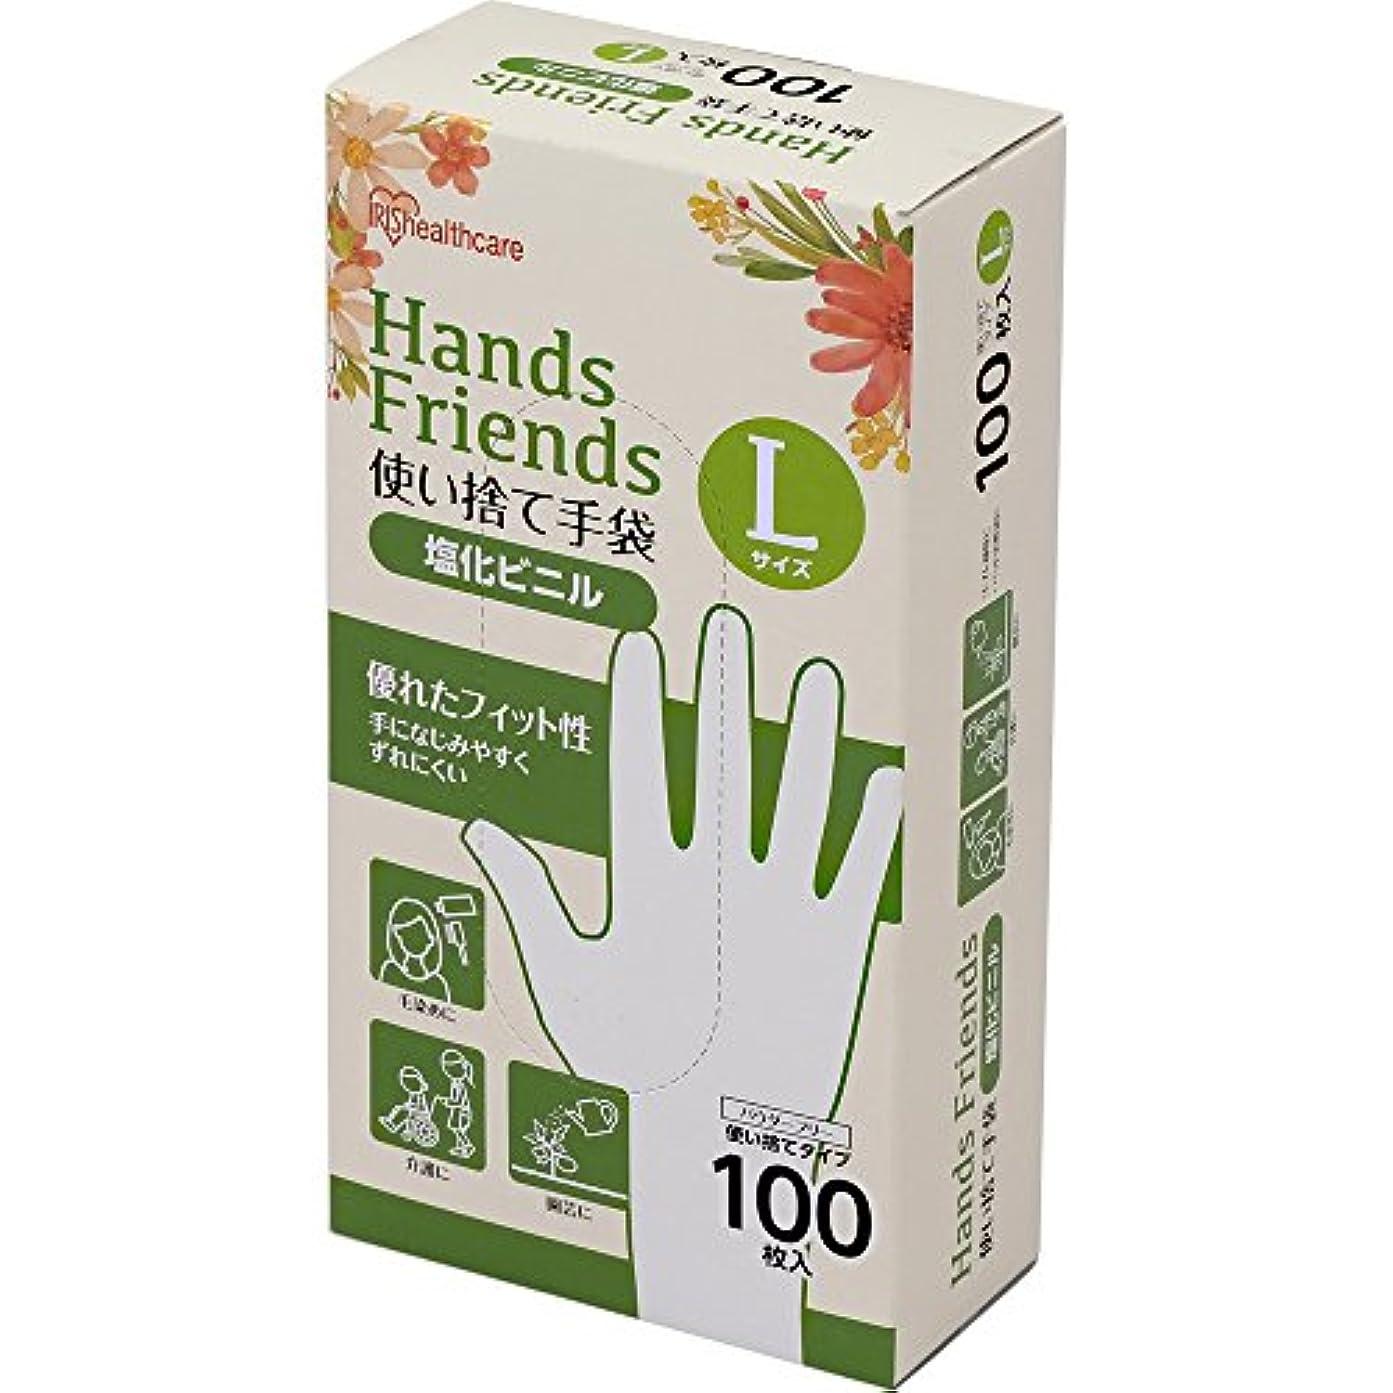 コーンウォール理論的苦しむ使い捨て手袋 クリア 塩化ビニル 100枚 Lサイズ PVC-100L